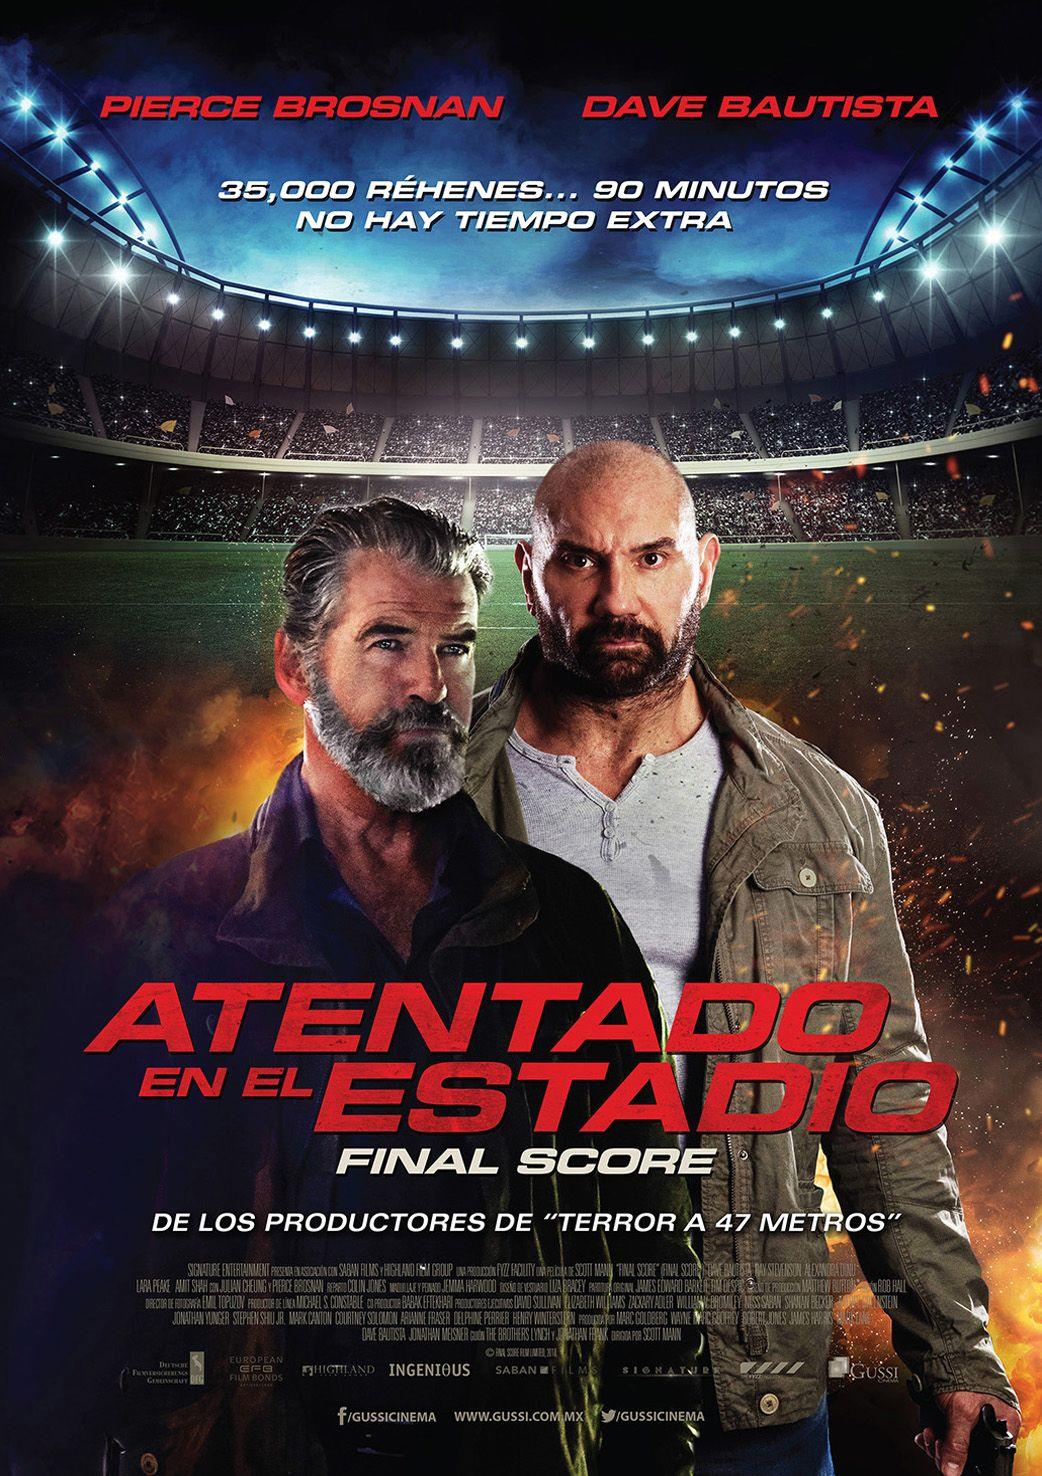 Atentado En El Estadio Final Score Peliculas En Espanol Peliculas Completas Ver Peliculas Gratis